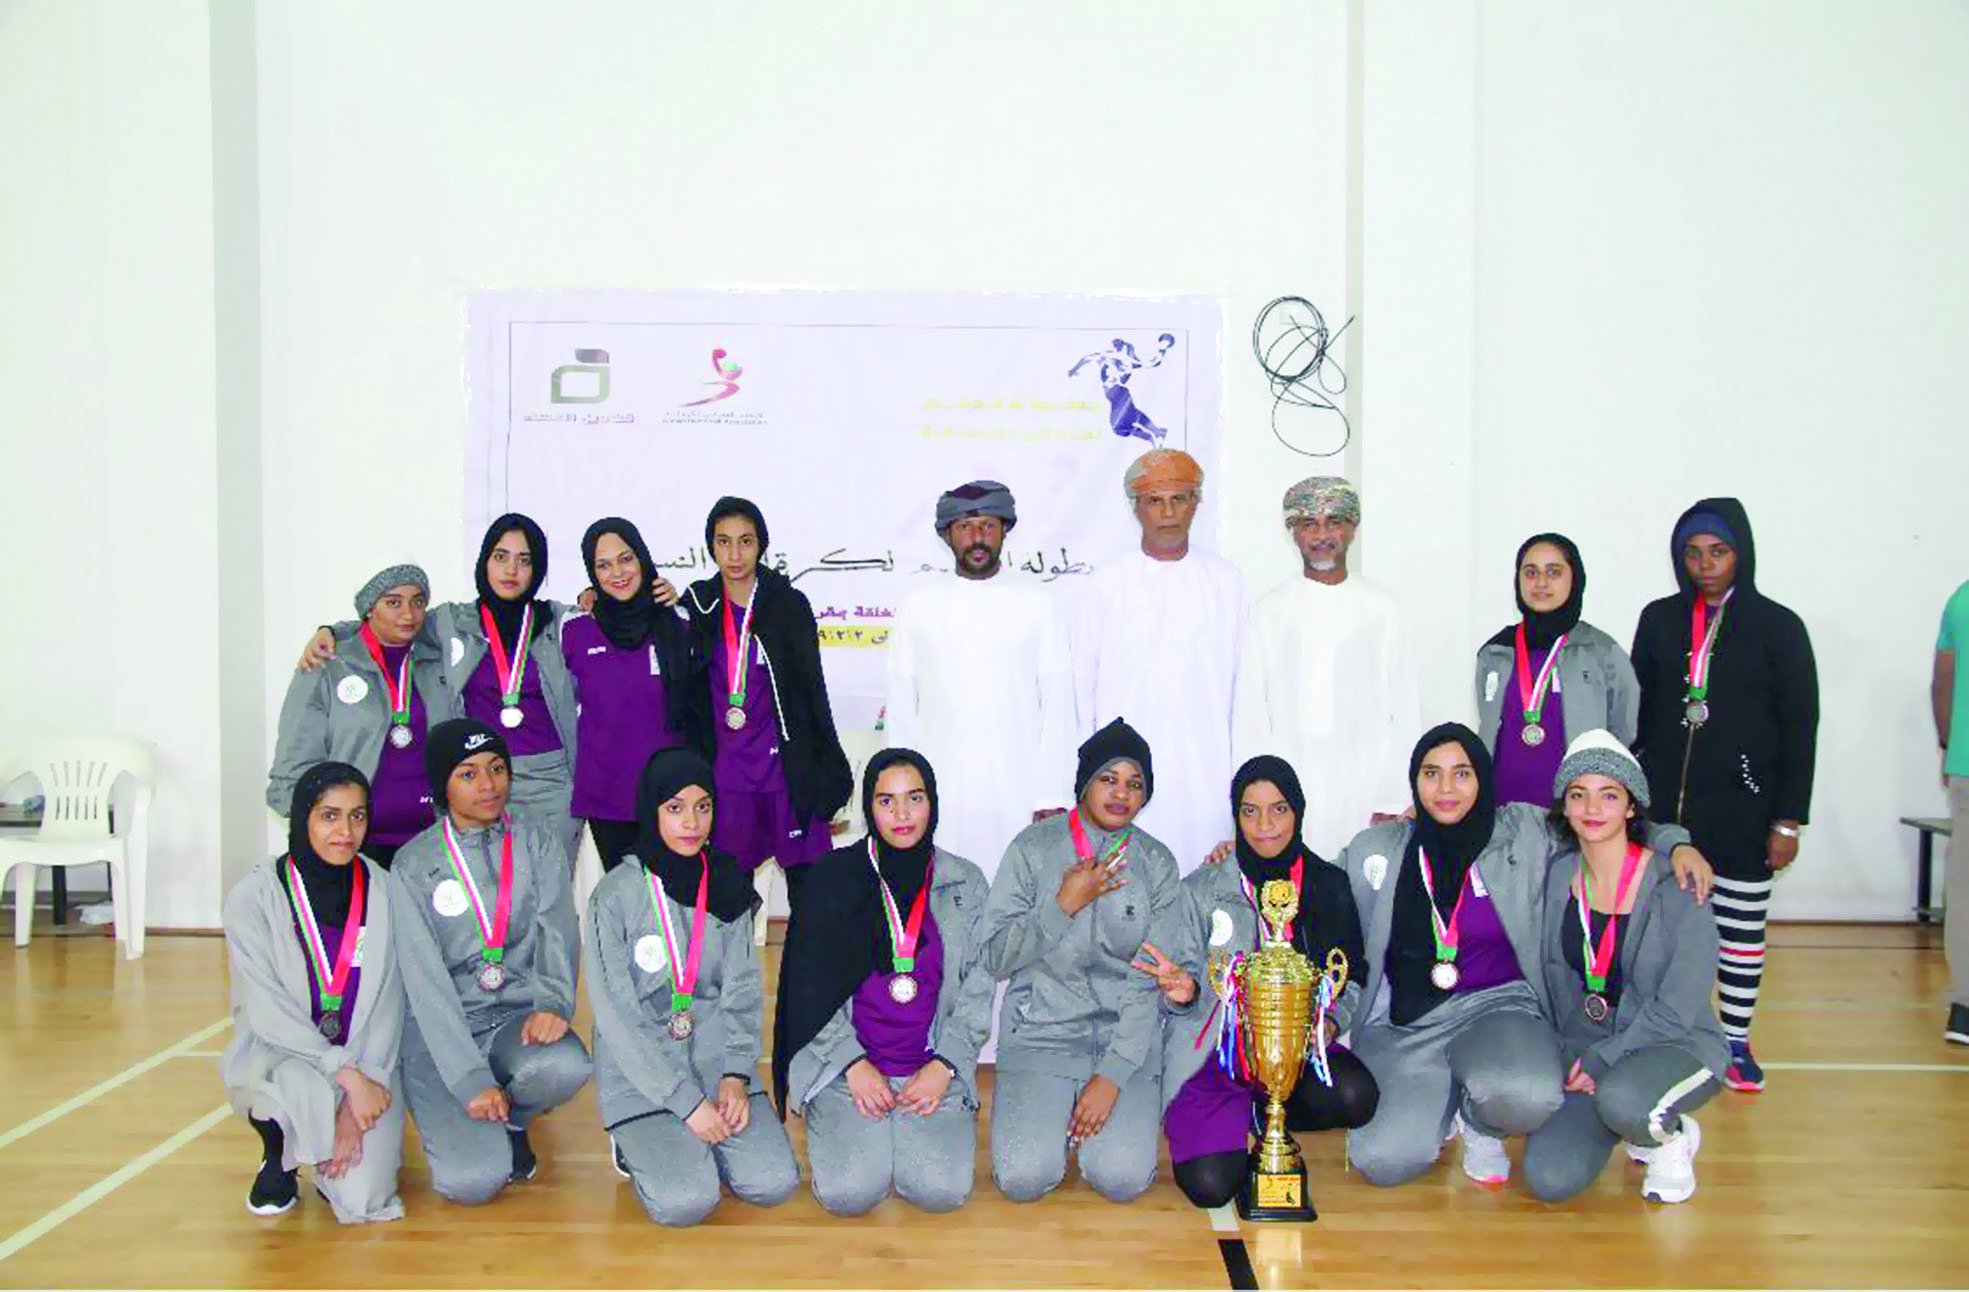 في نسختها الأولى7 فرق تثري بطولة الدقم للنساء لكرة اليد